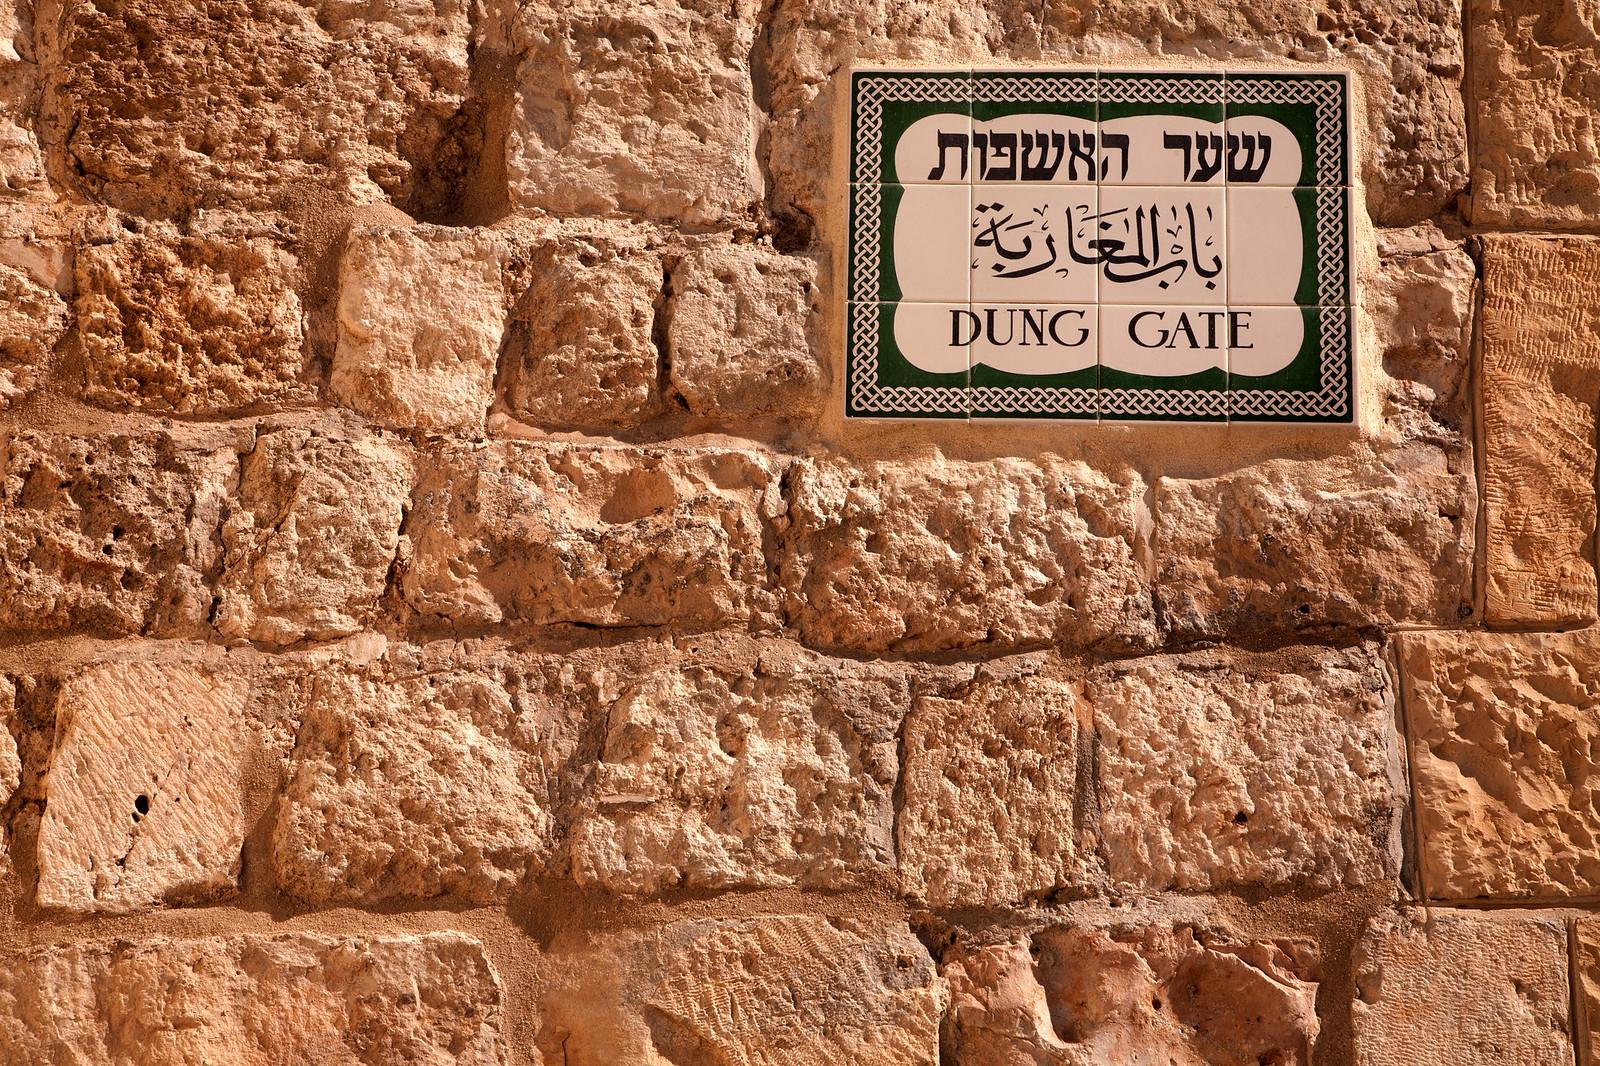 Jerusalem_Old City_Dung Gate_ Sha'ar HaAshpot_2_Noam Chen_IM